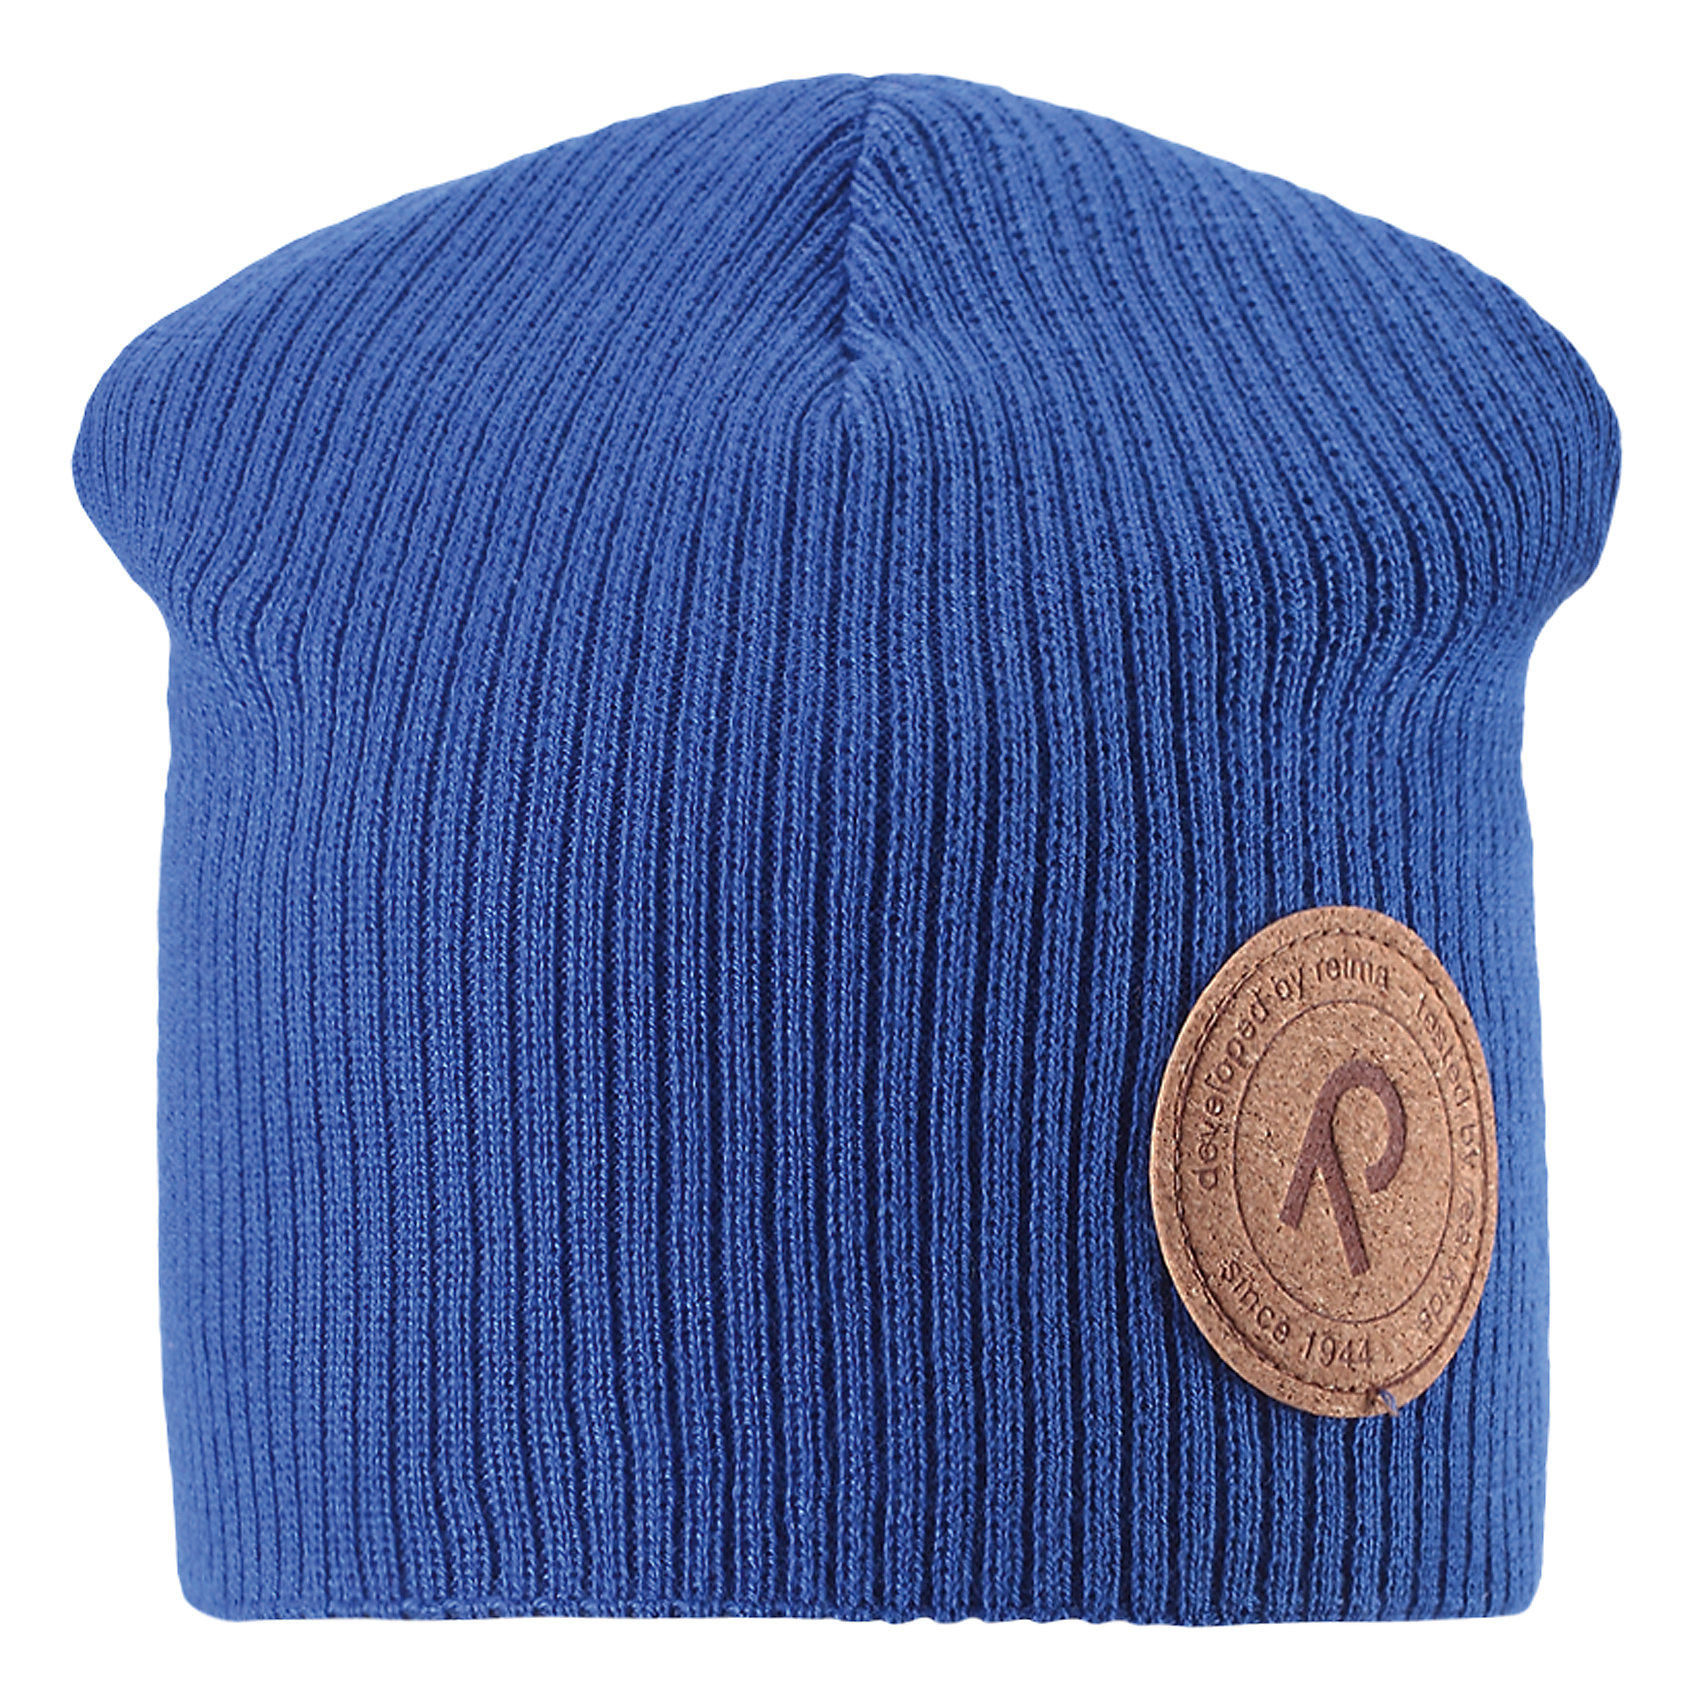 Шапка Majakka для мальчика ReimaШапки и шарфы<br>Характеристики товара:<br><br>• цвет: голубой<br>• состав: 100% хлопок<br>• температурный режим: от +5С<br>• эластичный хлопковый трикотаж<br>• изделие сертифицированно по стандарту Oeko-Tex на продукцию класса 2 - одежда, контактирующая с кожей<br>• сплошная подкладка из хлопкового трикотажа<br>• эмблема Reima спереди<br>• страна бренда: Финляндия<br>• страна производства: Китай<br><br>Детский головной убор может быть модным и удобным одновременно! Стильная шапка поможет обеспечить ребенку комфорт и дополнить наряд. Шапка удобно сидит и аккуратно выглядит. Проста в уходе, долго служит. Стильный дизайн разрабатывался специально для детей. Отличная защита от дождя и ветра!<br><br>Уход:<br><br>• стирать по отдельности, вывернув наизнанку<br>• придать первоначальную форму вo влажном виде<br>• возможна усадка 5 %.<br><br>Шапку от финского бренда Reima (Рейма) можно купить в нашем интернет-магазине.<br><br>Ширина мм: 89<br>Глубина мм: 117<br>Высота мм: 44<br>Вес г: 155<br>Цвет: синий<br>Возраст от месяцев: 18<br>Возраст до месяцев: 36<br>Пол: Мужской<br>Возраст: Детский<br>Размер: 50,54,52,56<br>SKU: 5267831